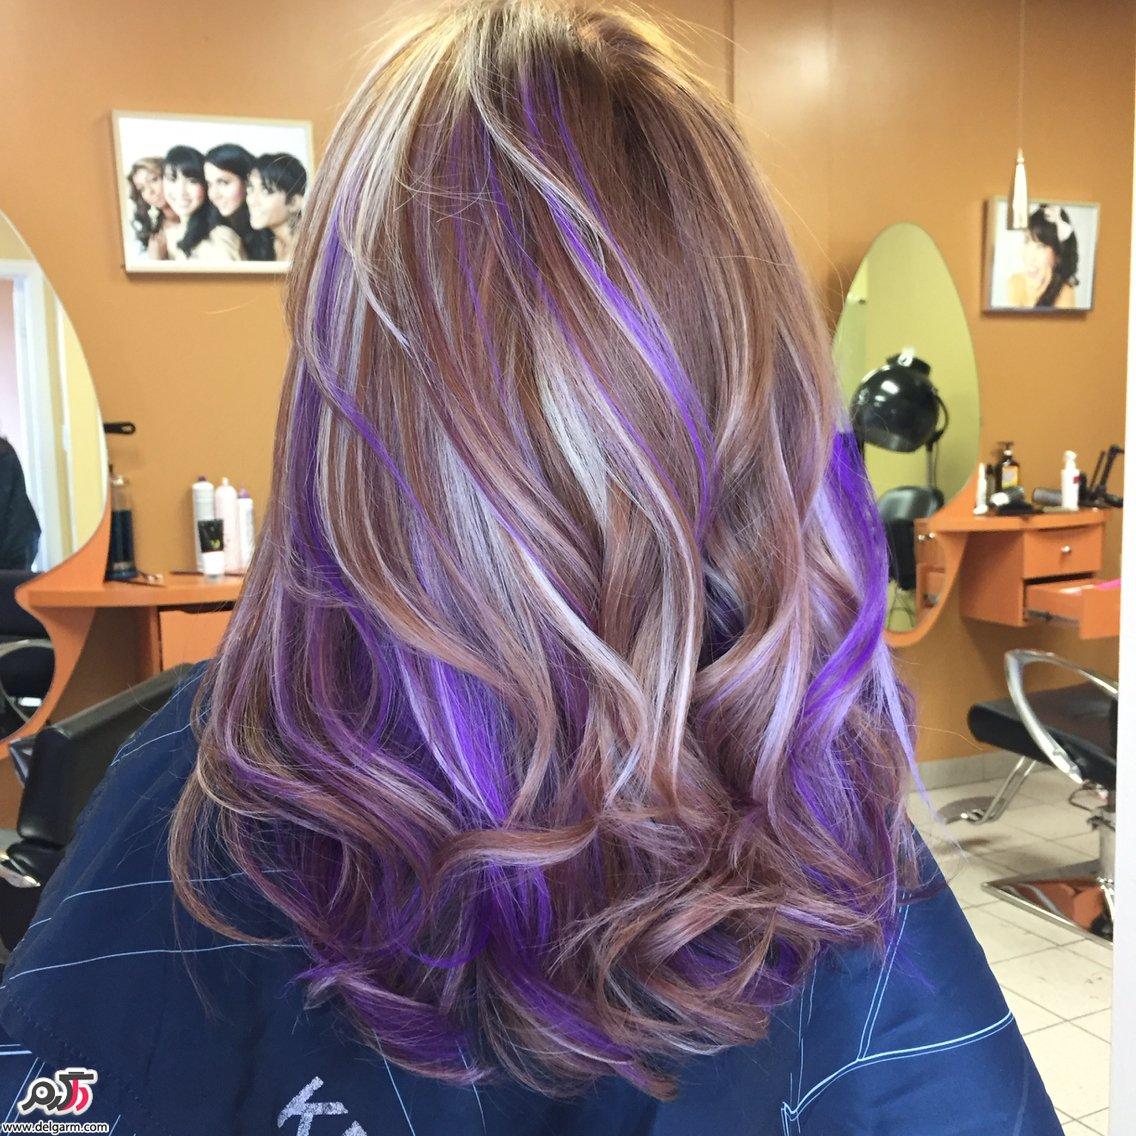 آموزش فرمول ترکیب رنگ مو بنفش به رنگ سال ۲۰۱۸ ۹۷ عکس